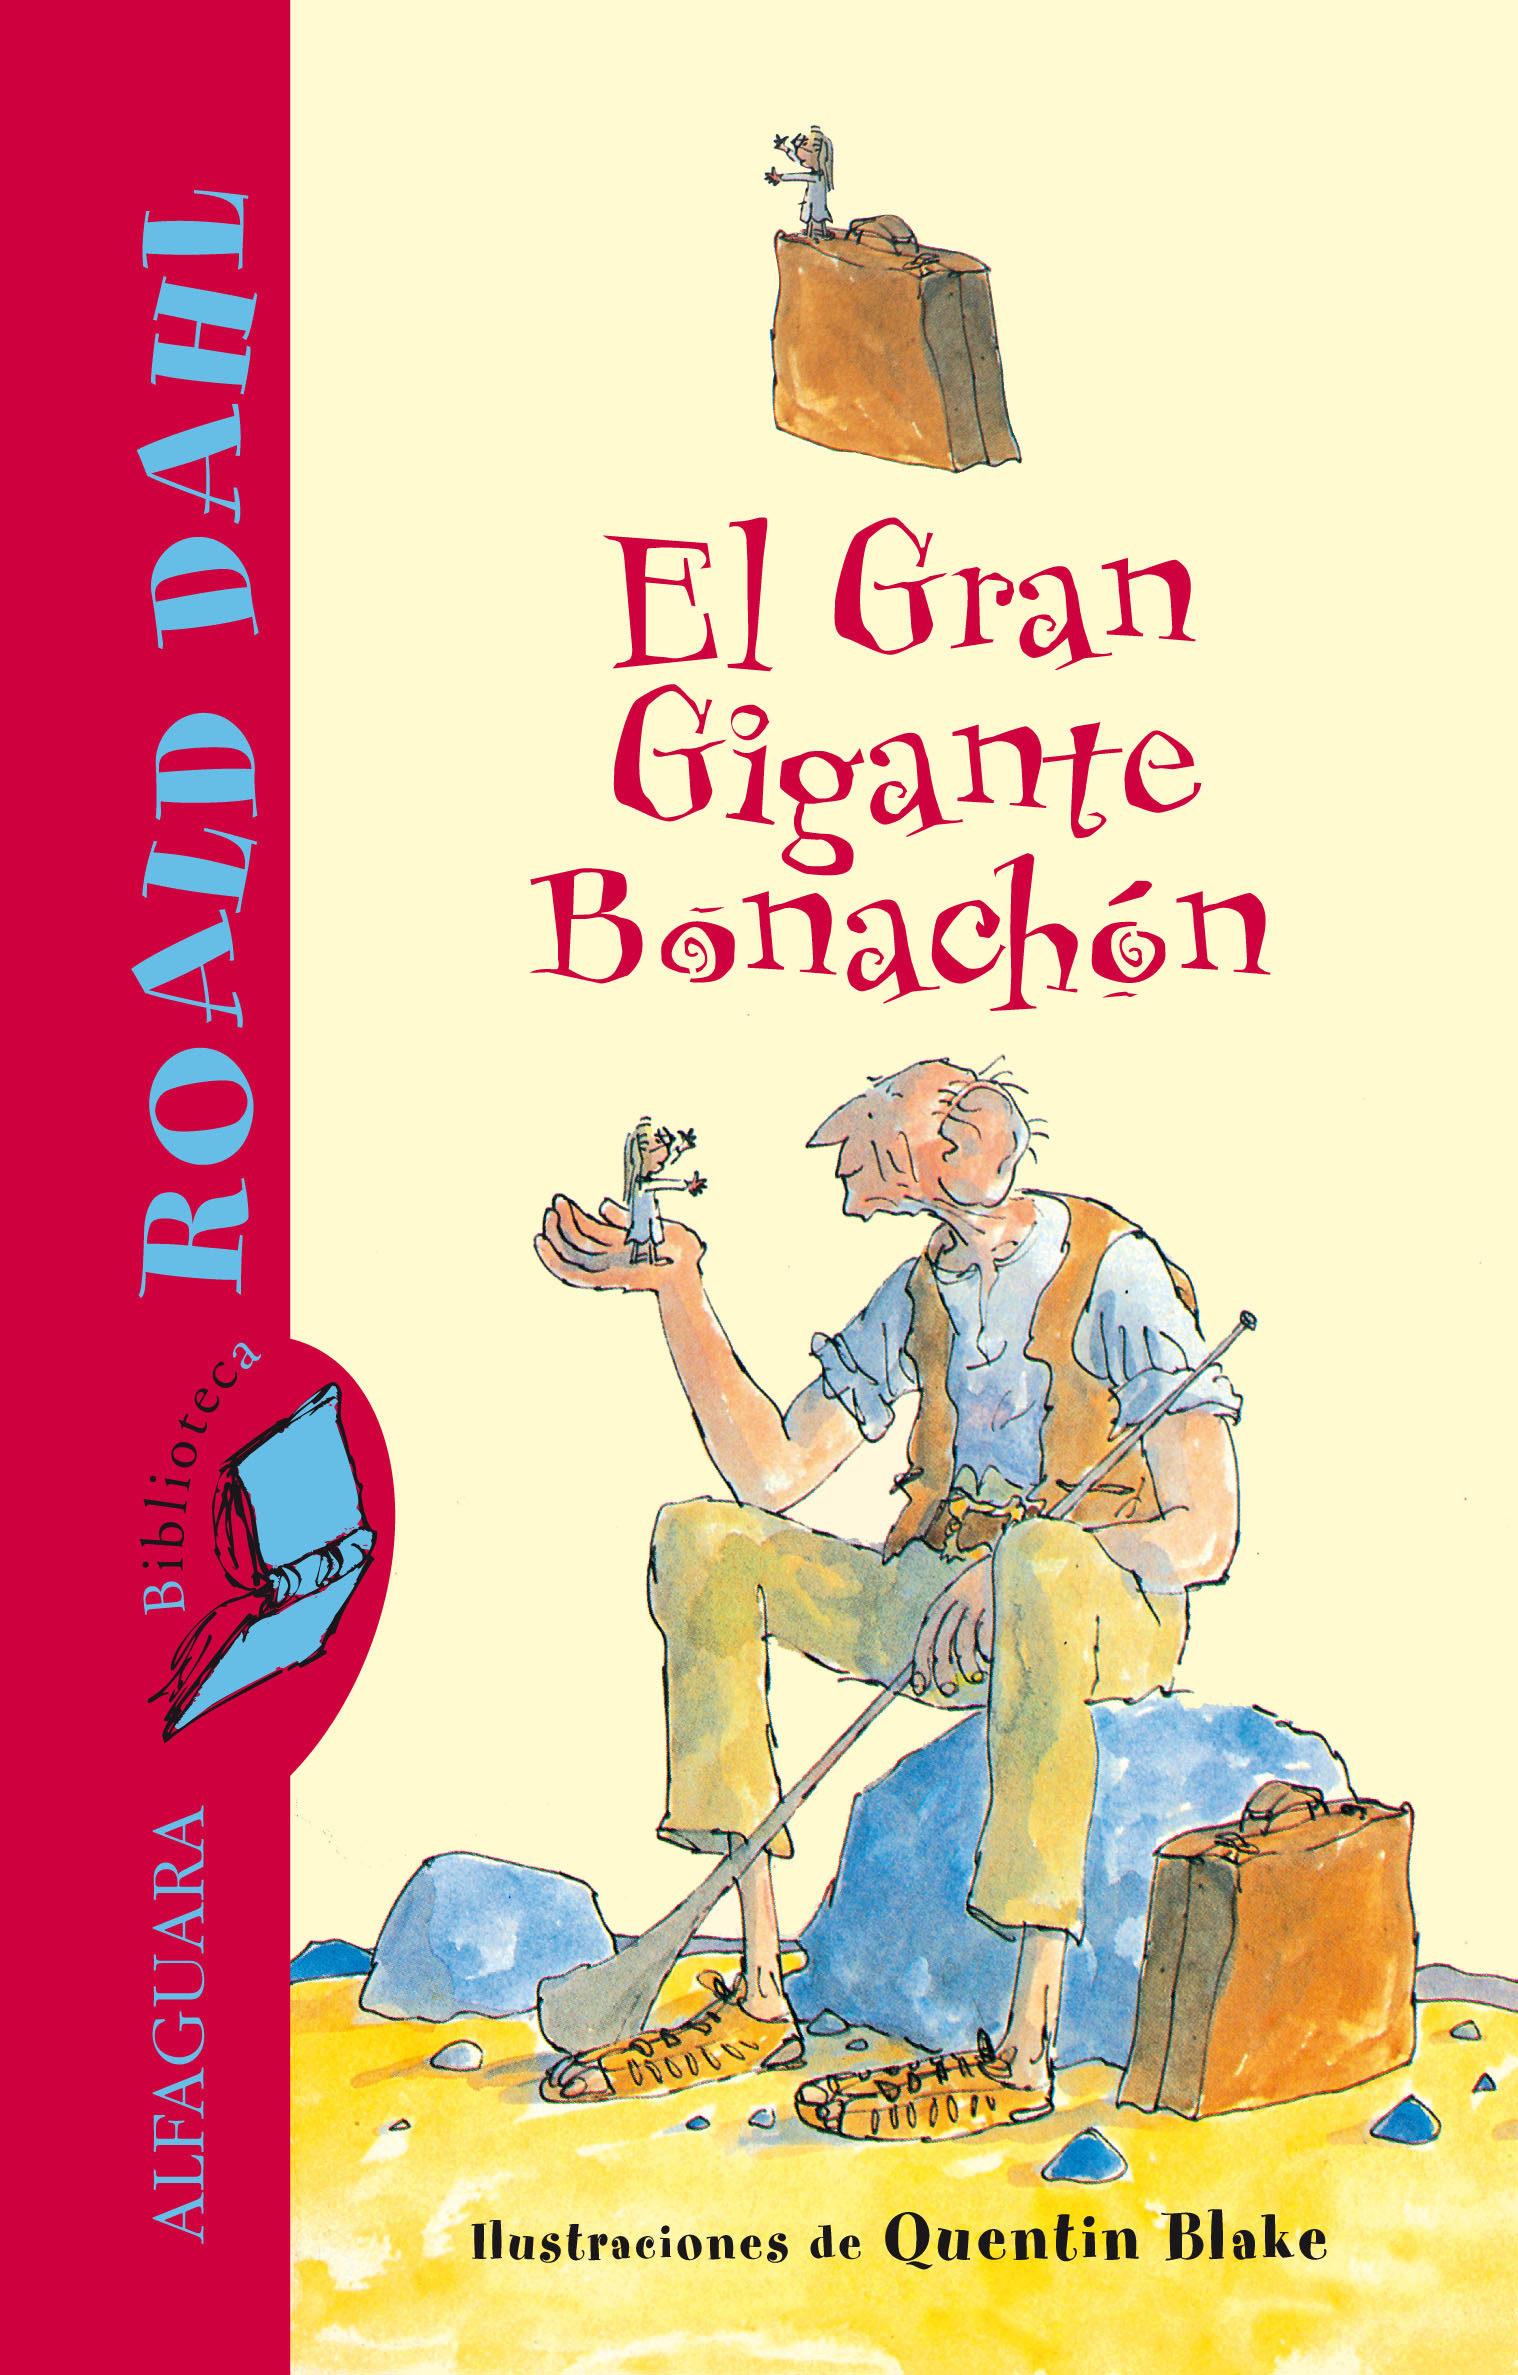 DESCARGAR EL LIBRO EL GRAN GIGANTE BONACHON PDF